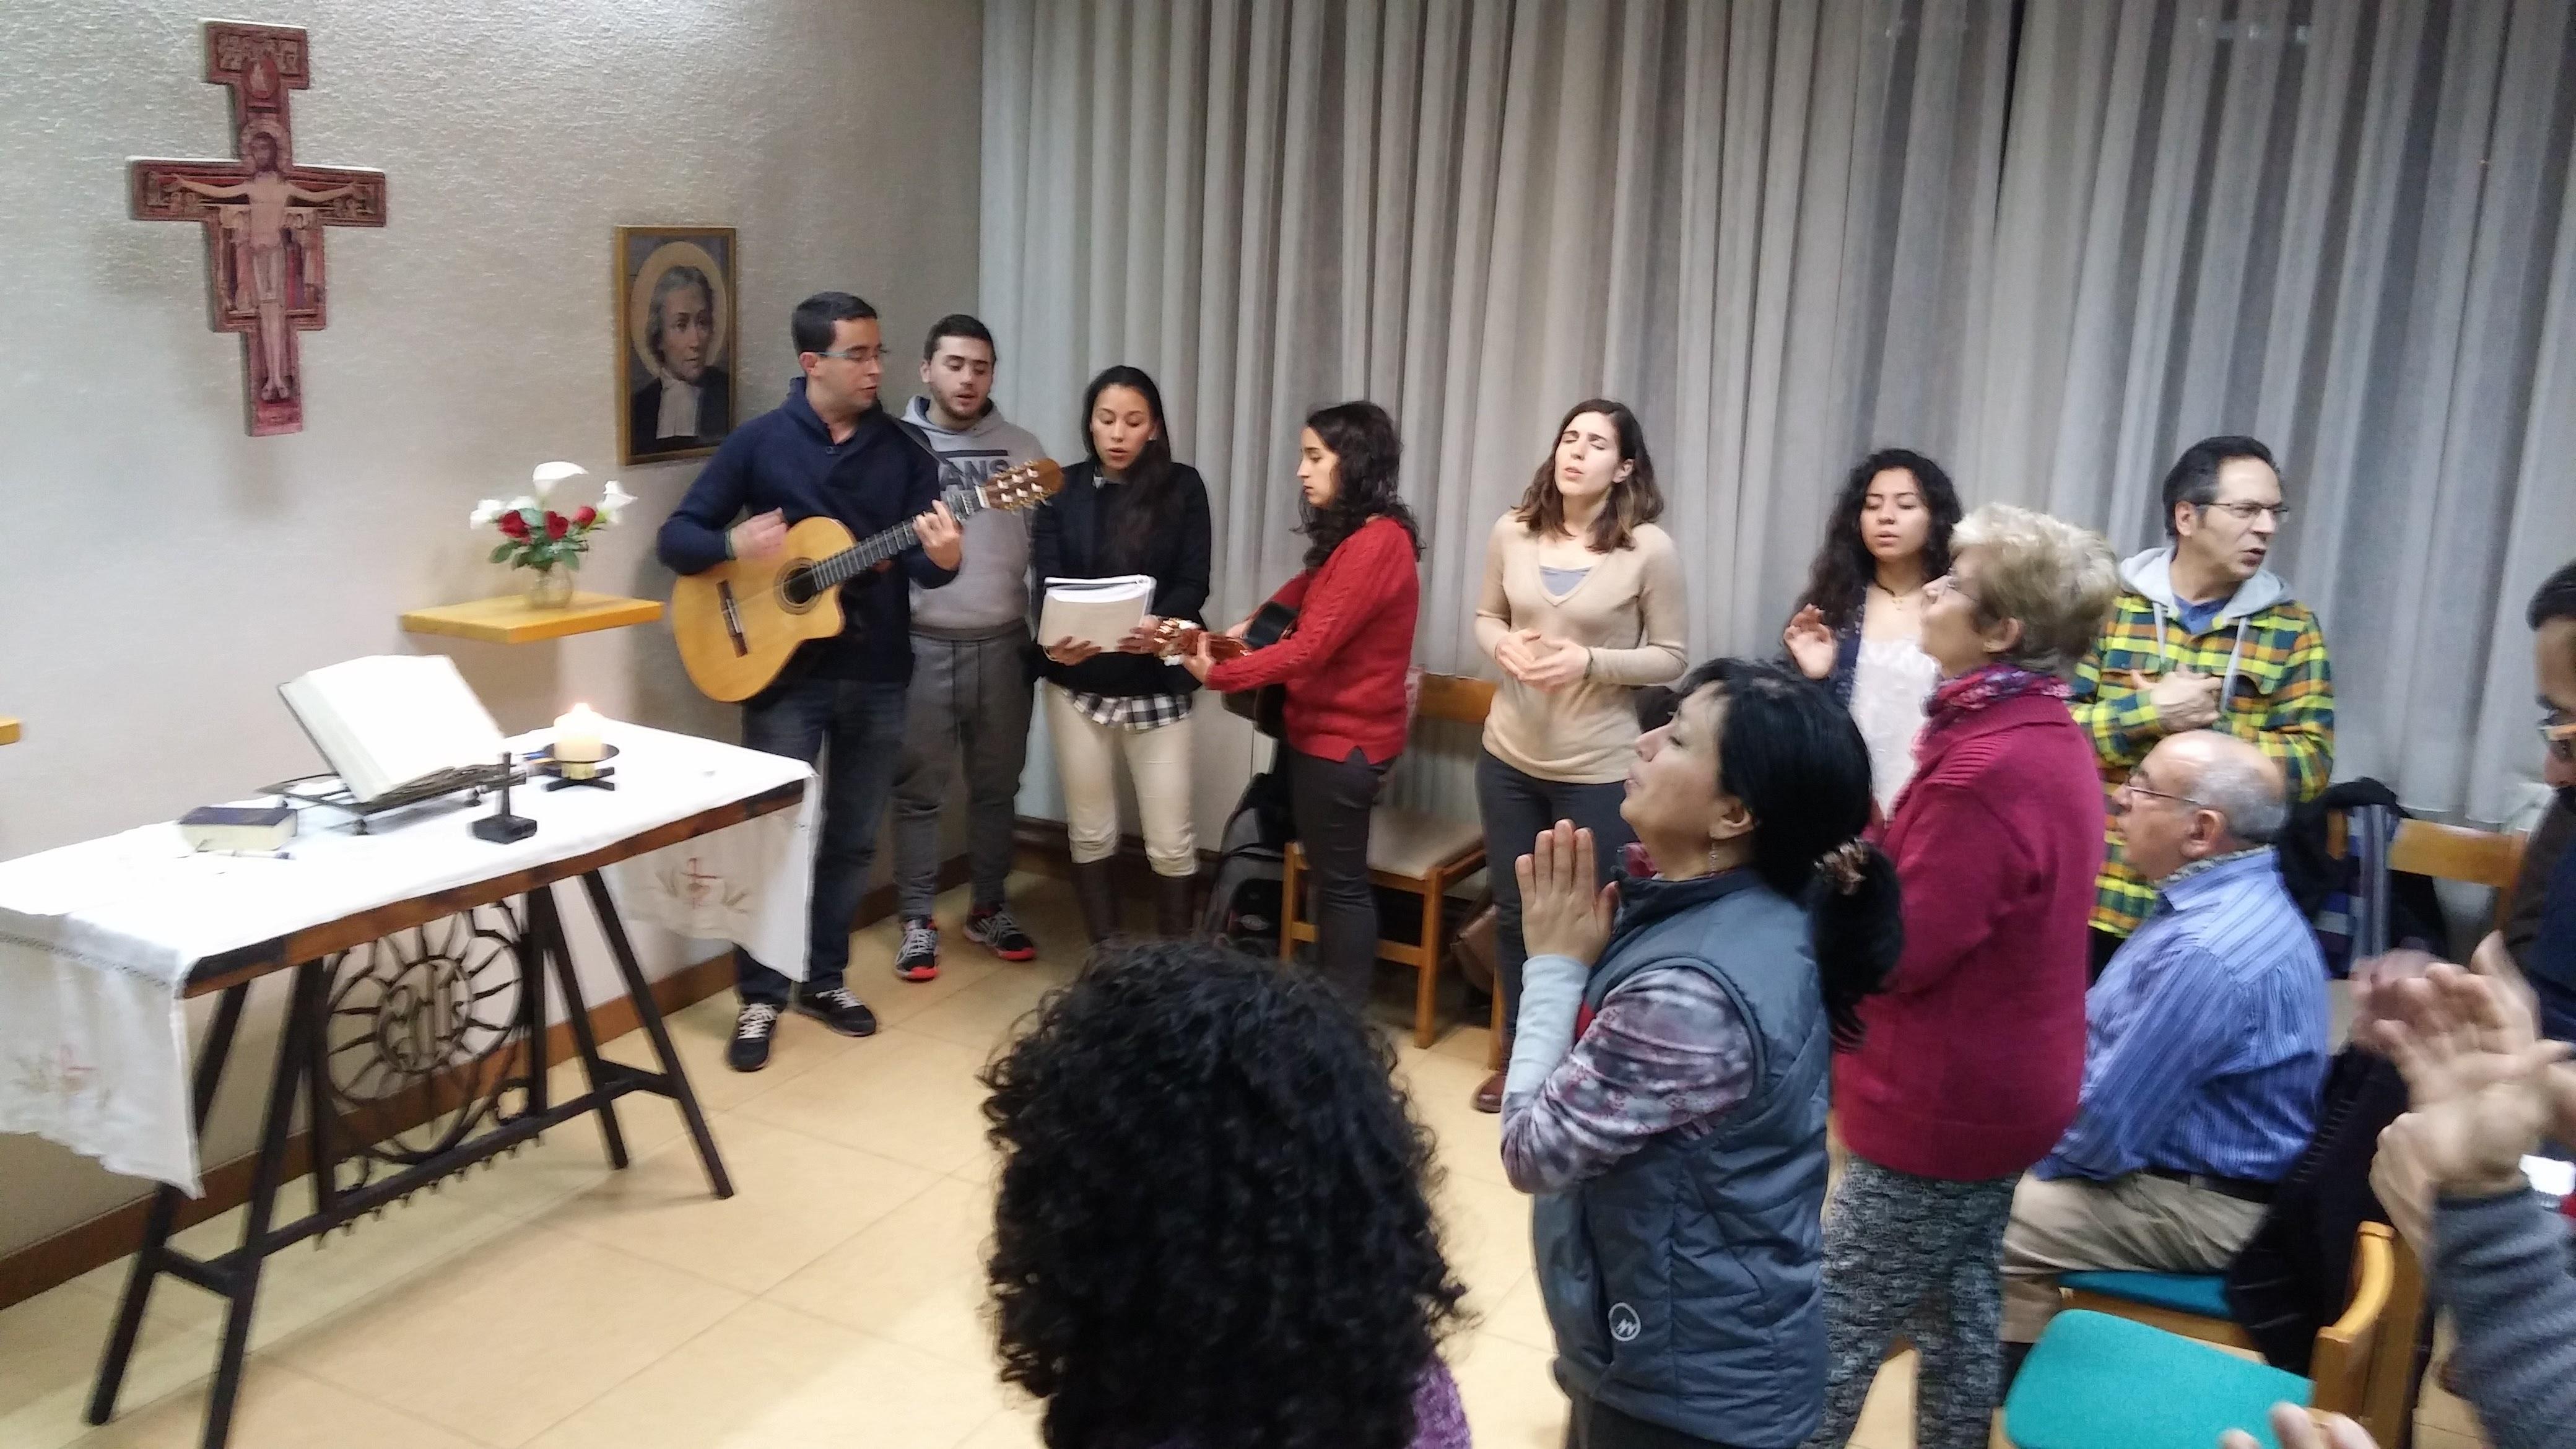 2016.02.27y28 - Retiro de Mística (7 PIEDRAS) (31).jpg